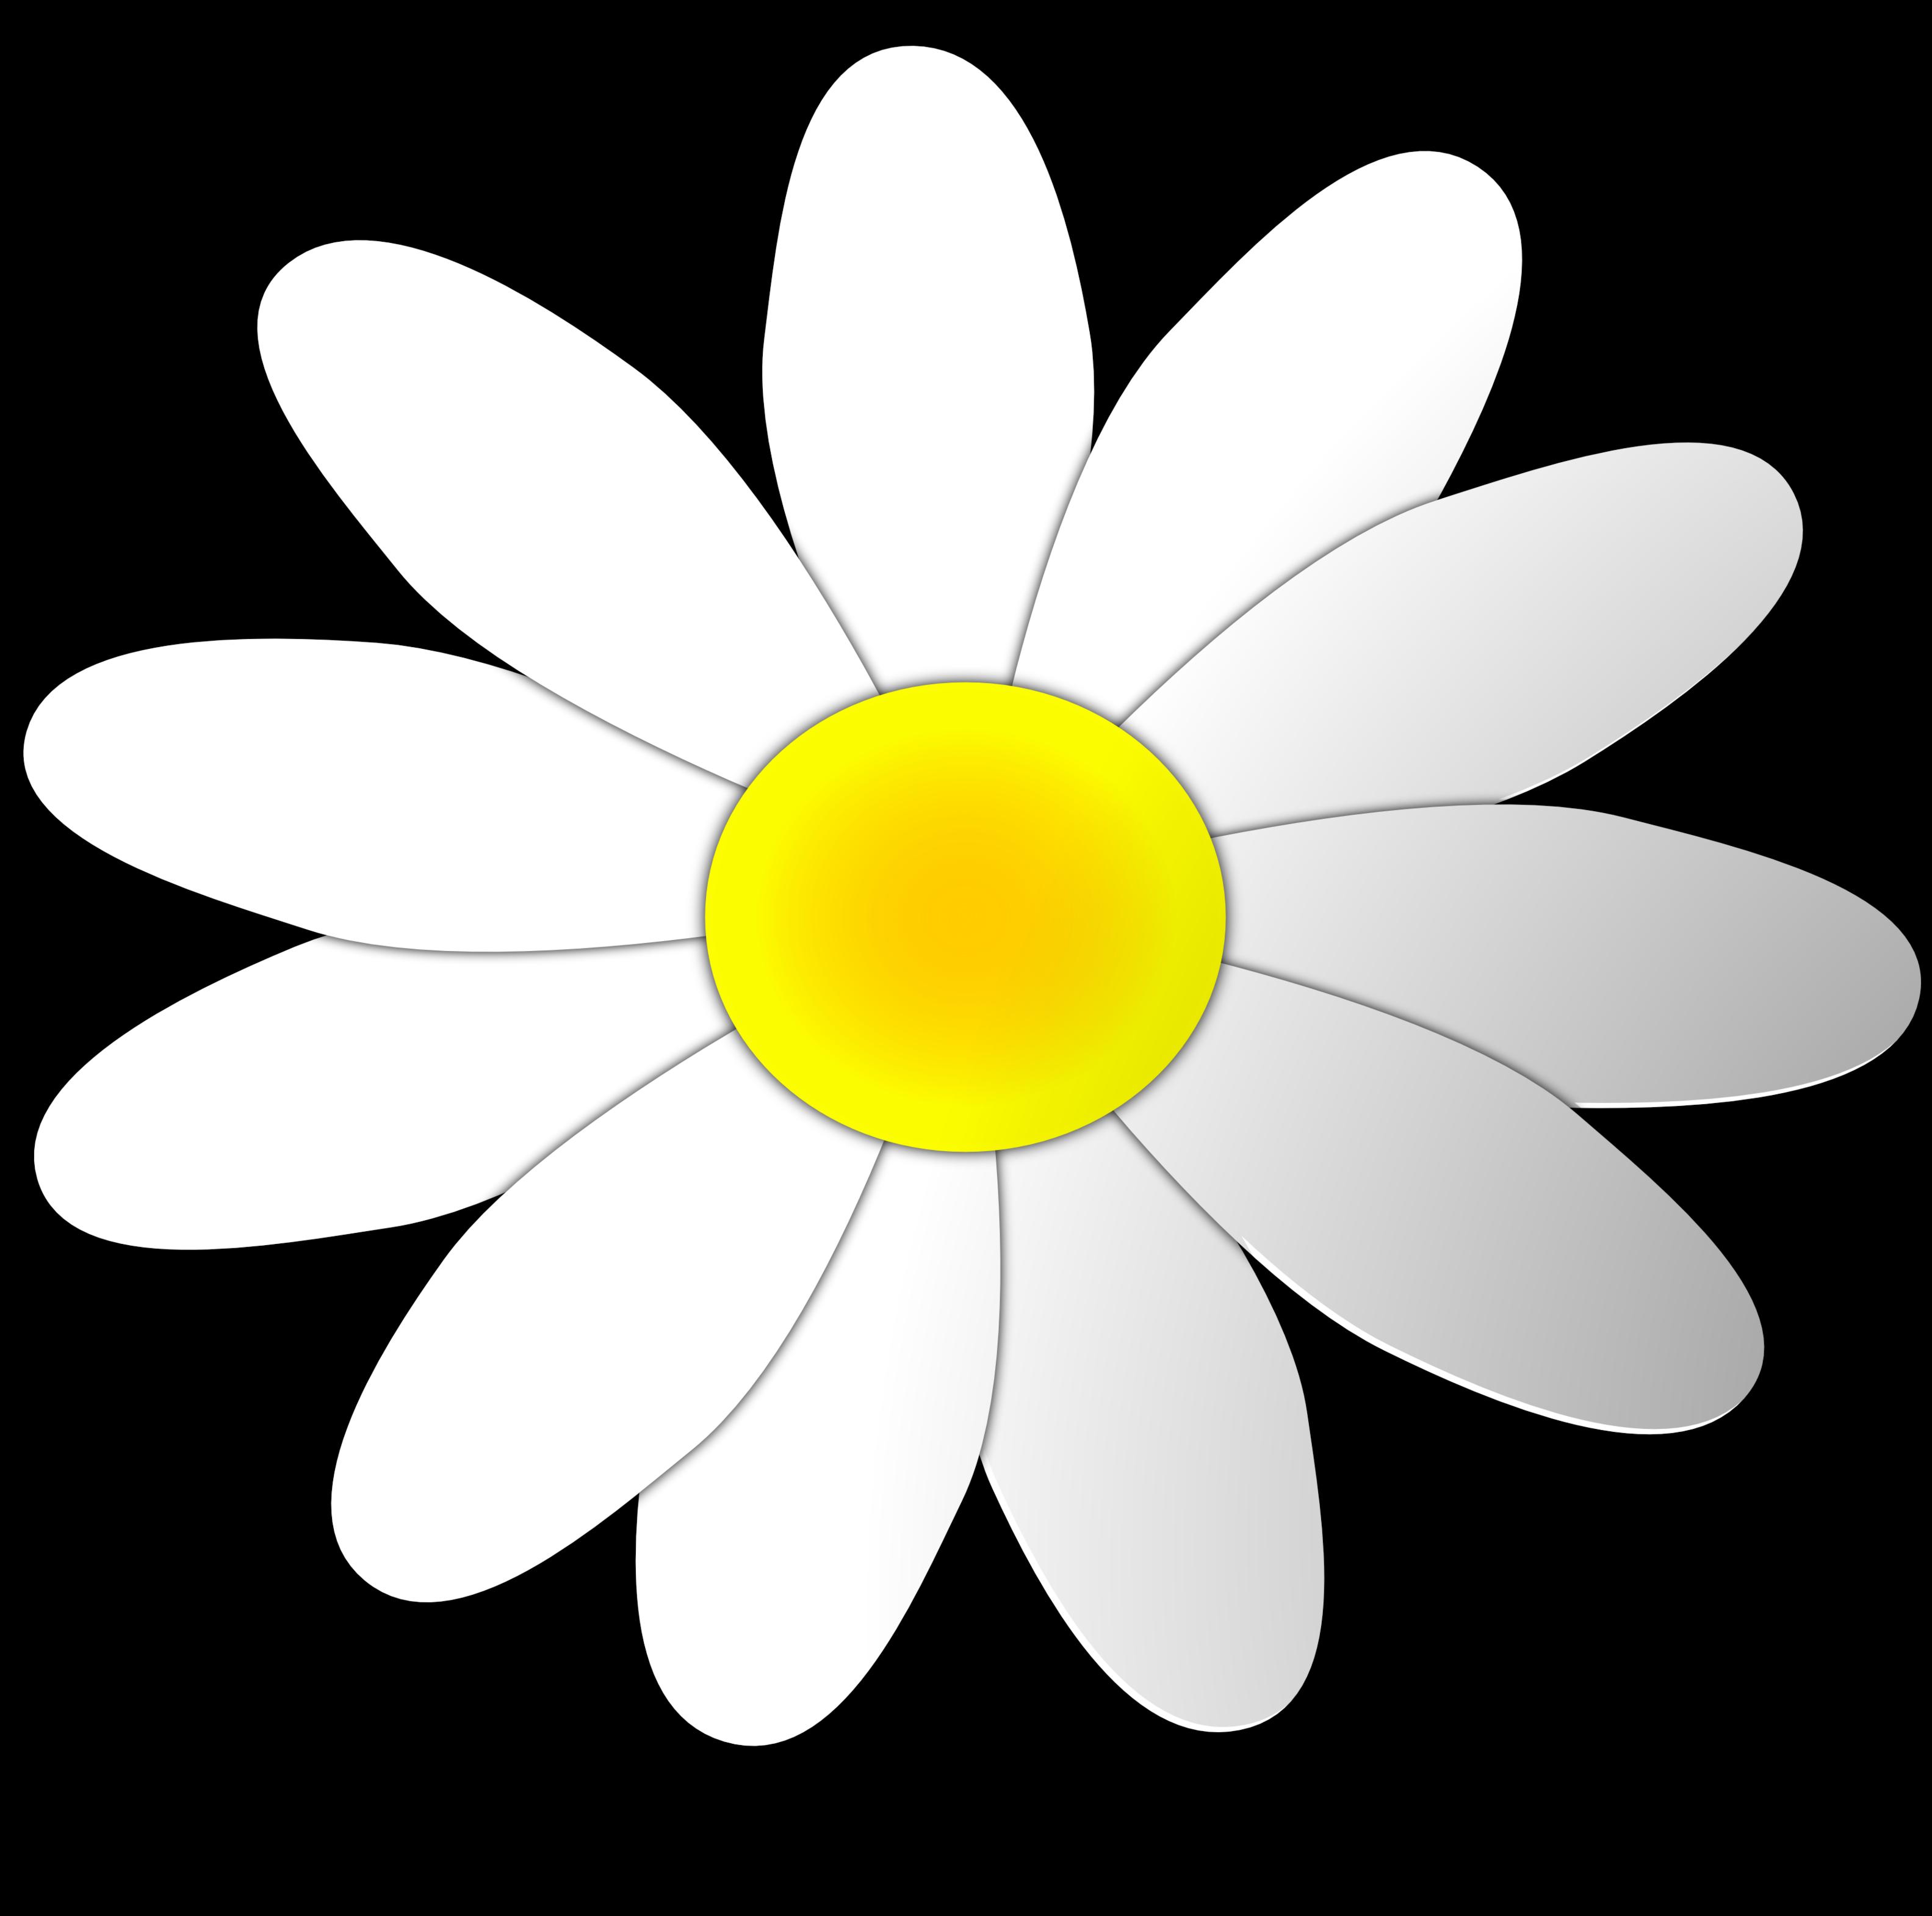 daisy flower clipart #10